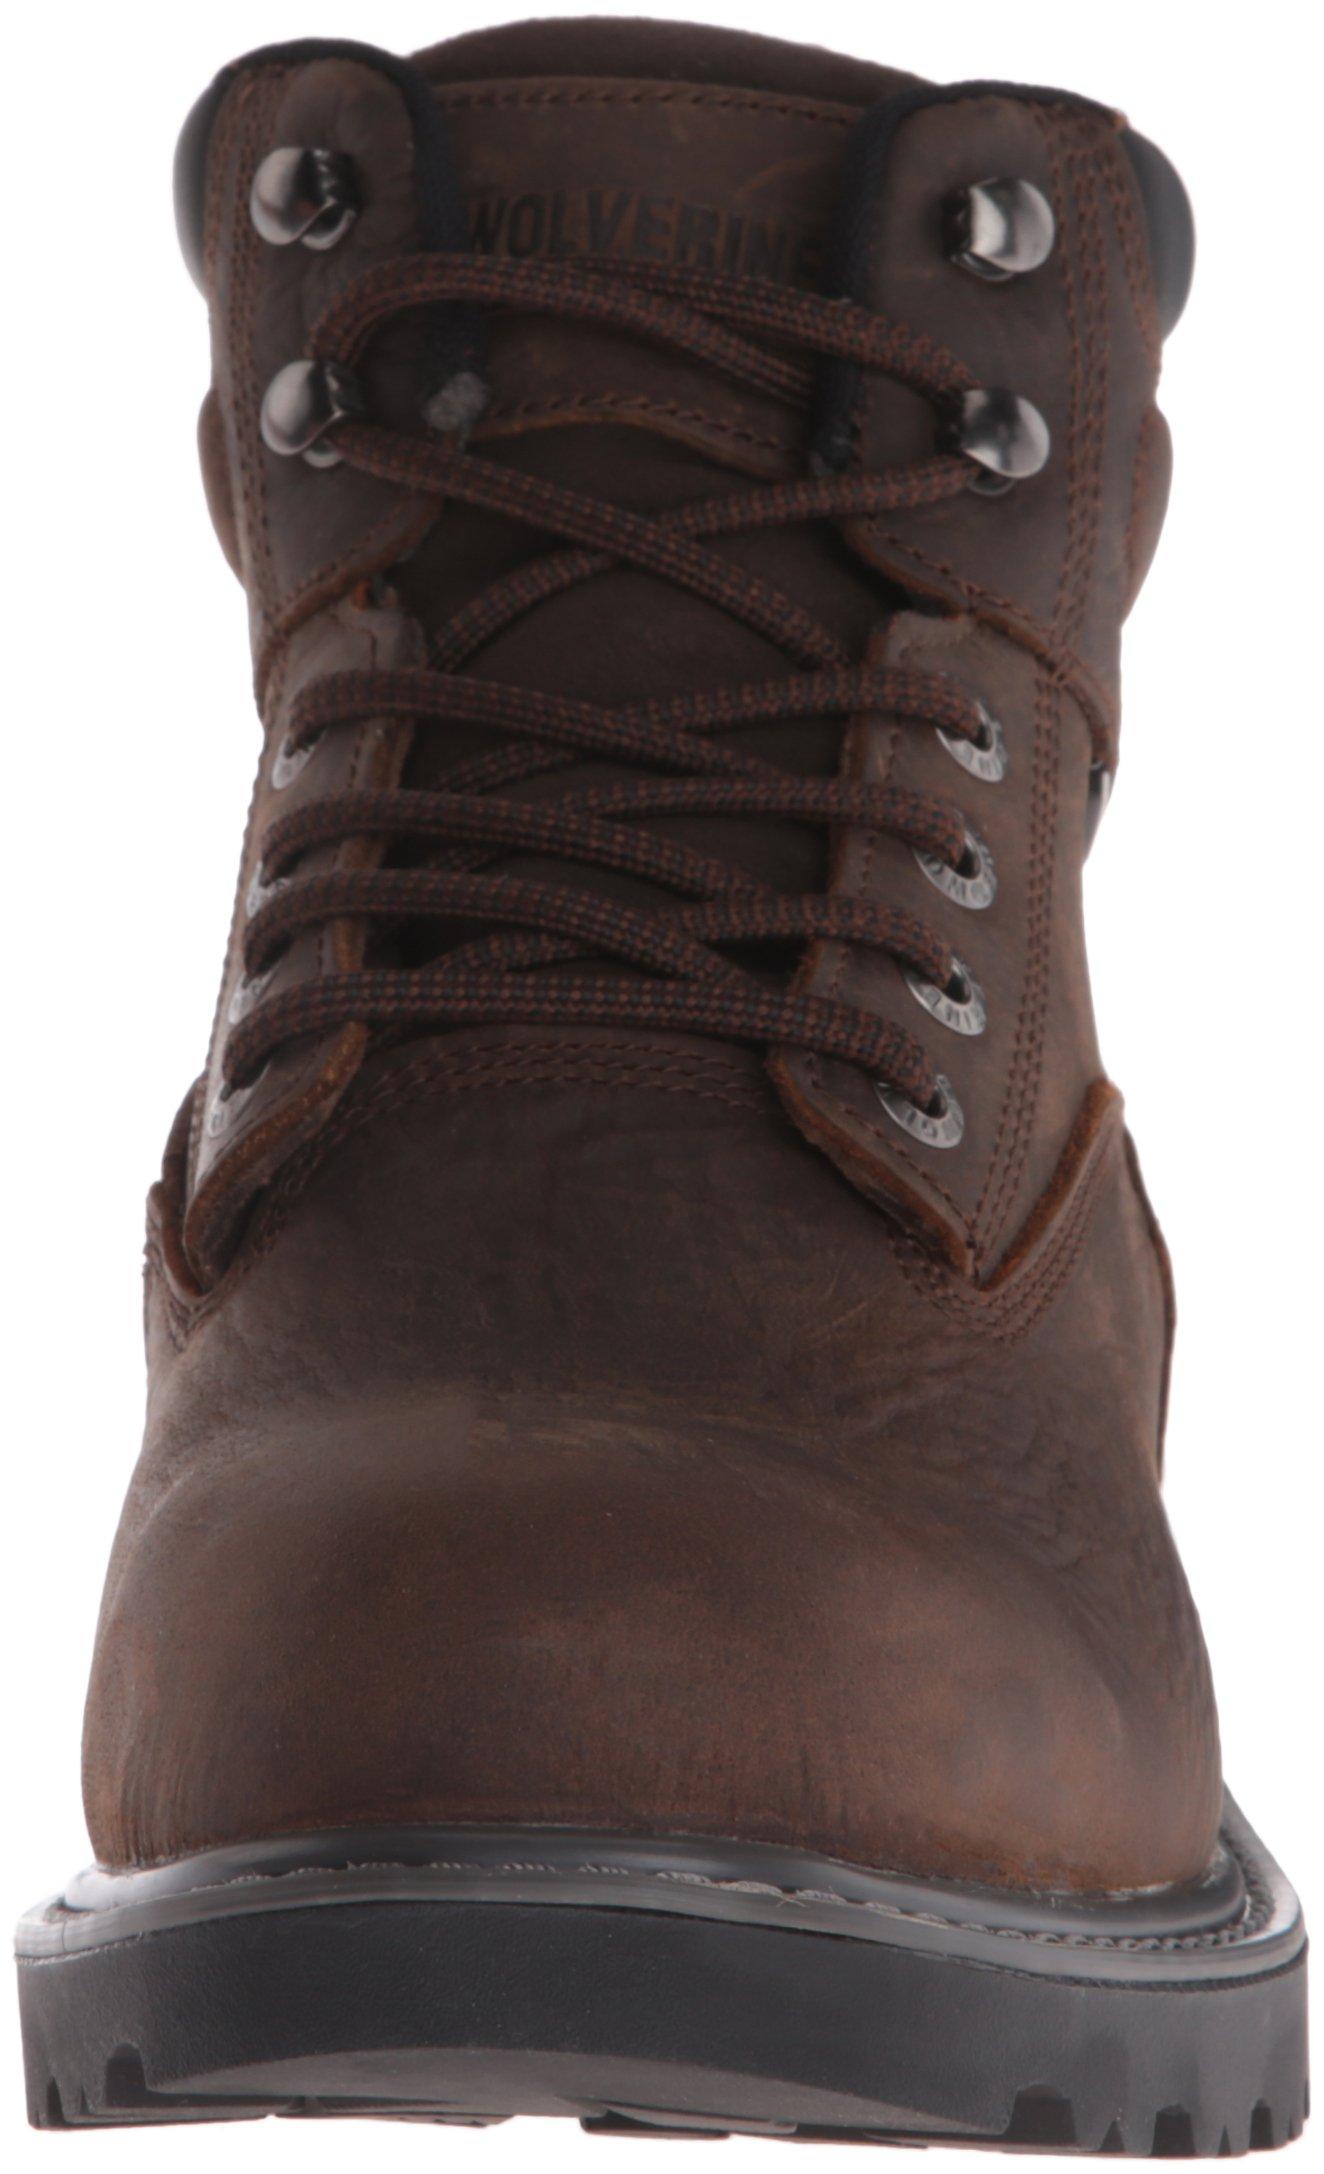 Wolverine Men's Floorhand 6 Inch Waterproof Steel Toe Work Shoe, Dark Brown, 9.5 M US by Wolverine (Image #4)